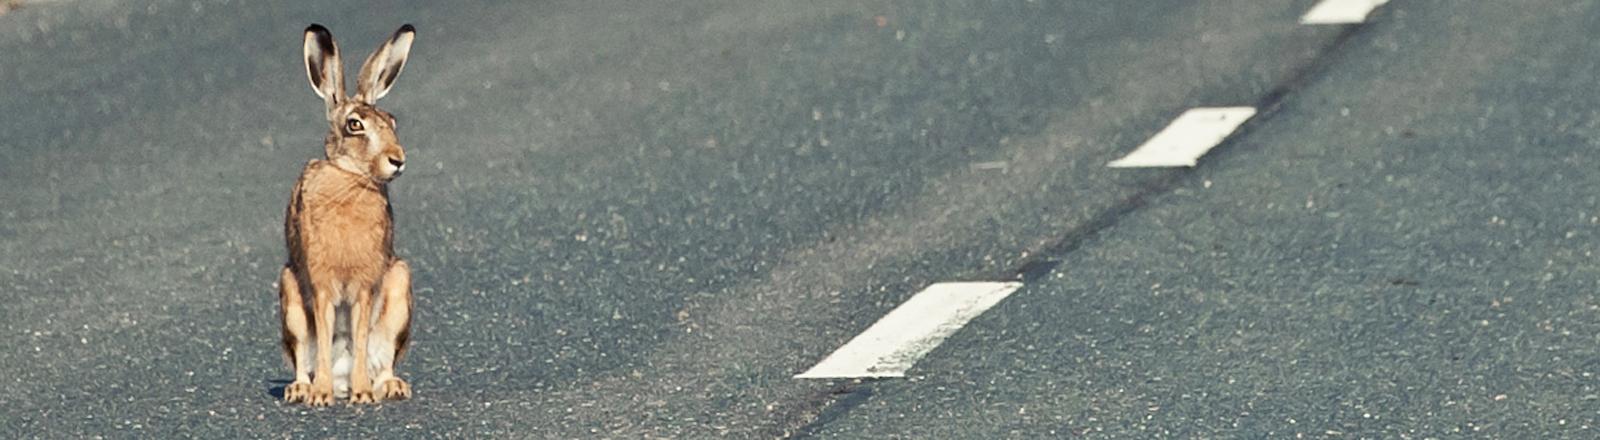 Ein Hase sitzt mitten auf der Straße und blickt Richtung Kamera.